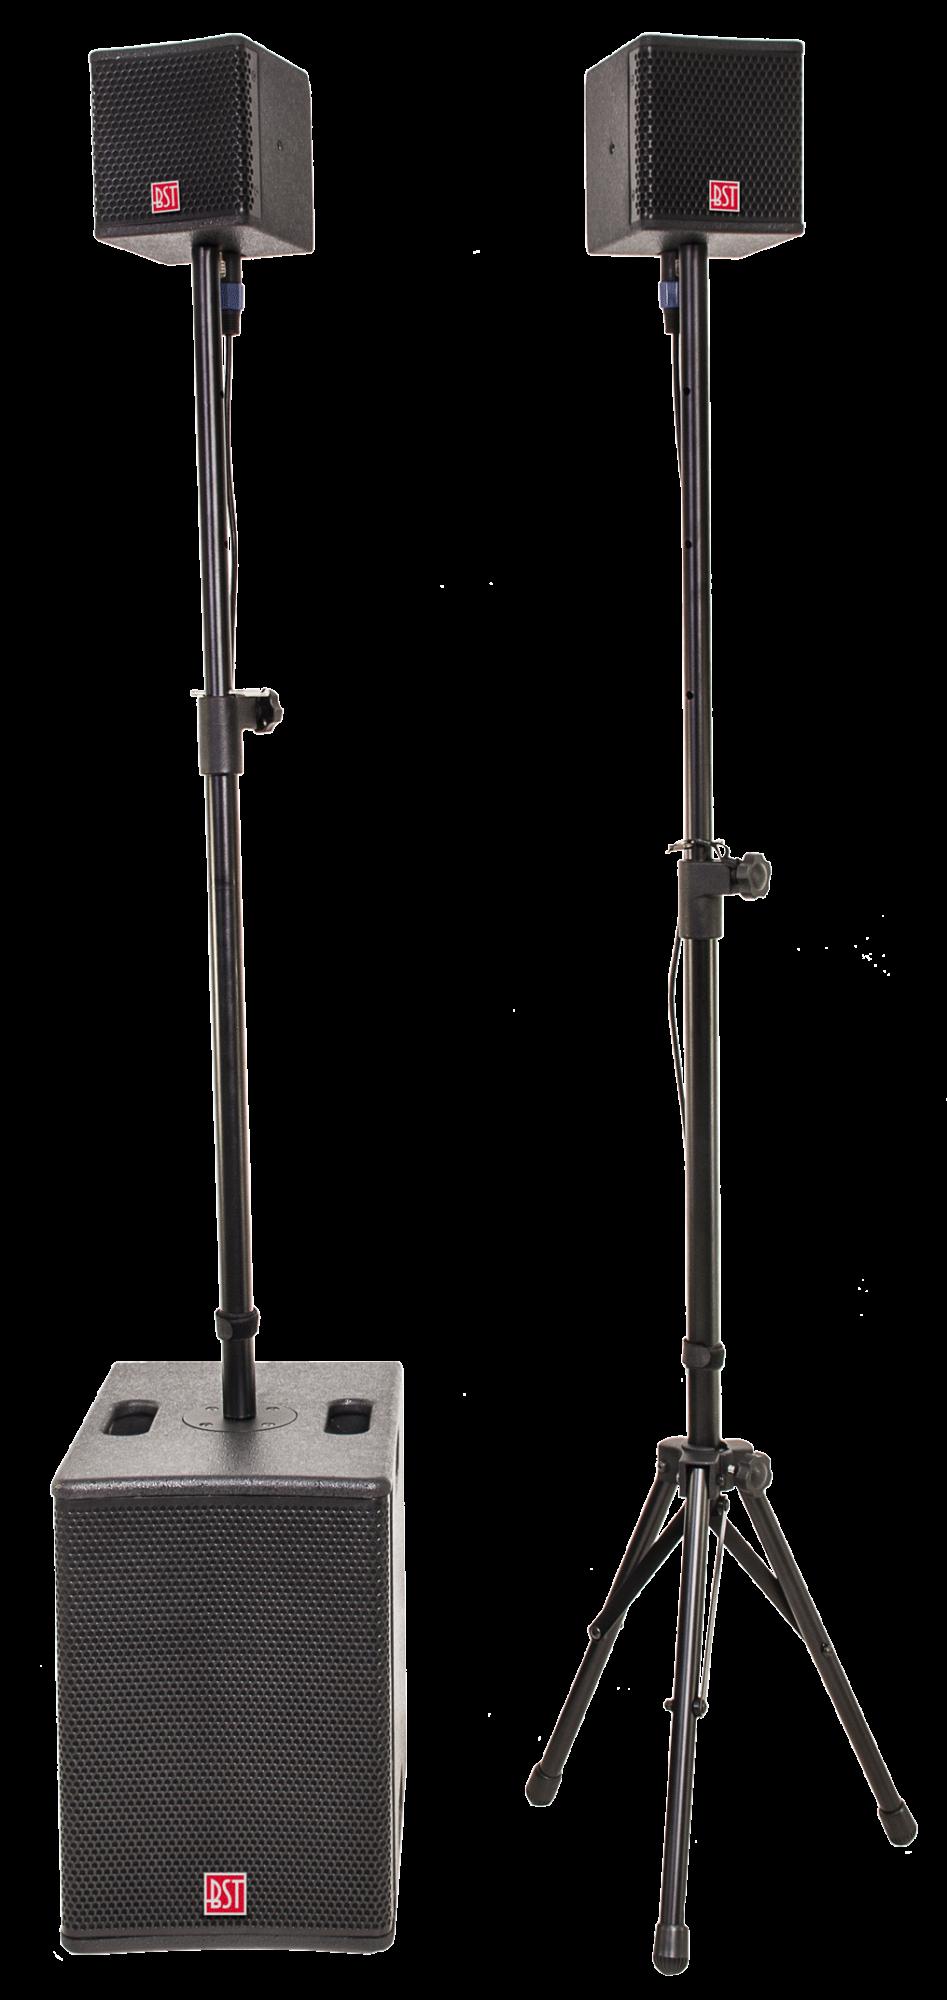 BST FIRST 2.1 Aktivt højttaler system 400 Watt